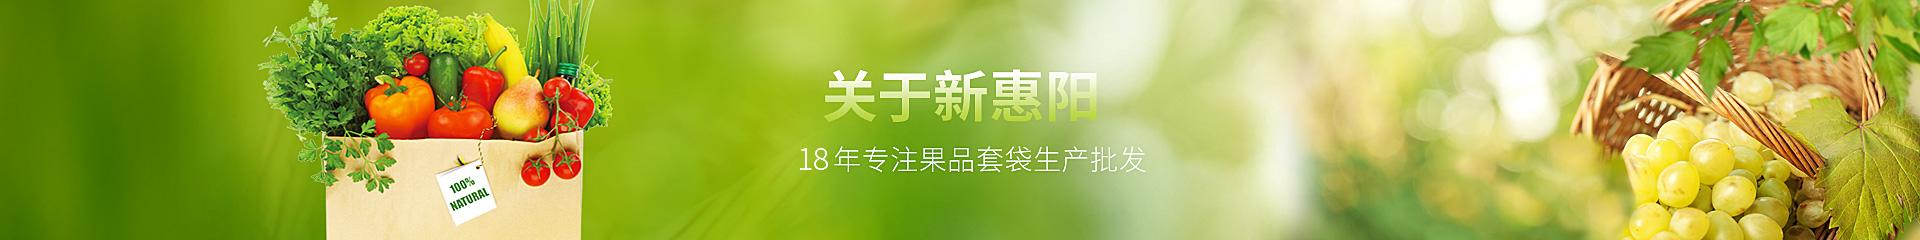 新亚博体育app下载苹果风采